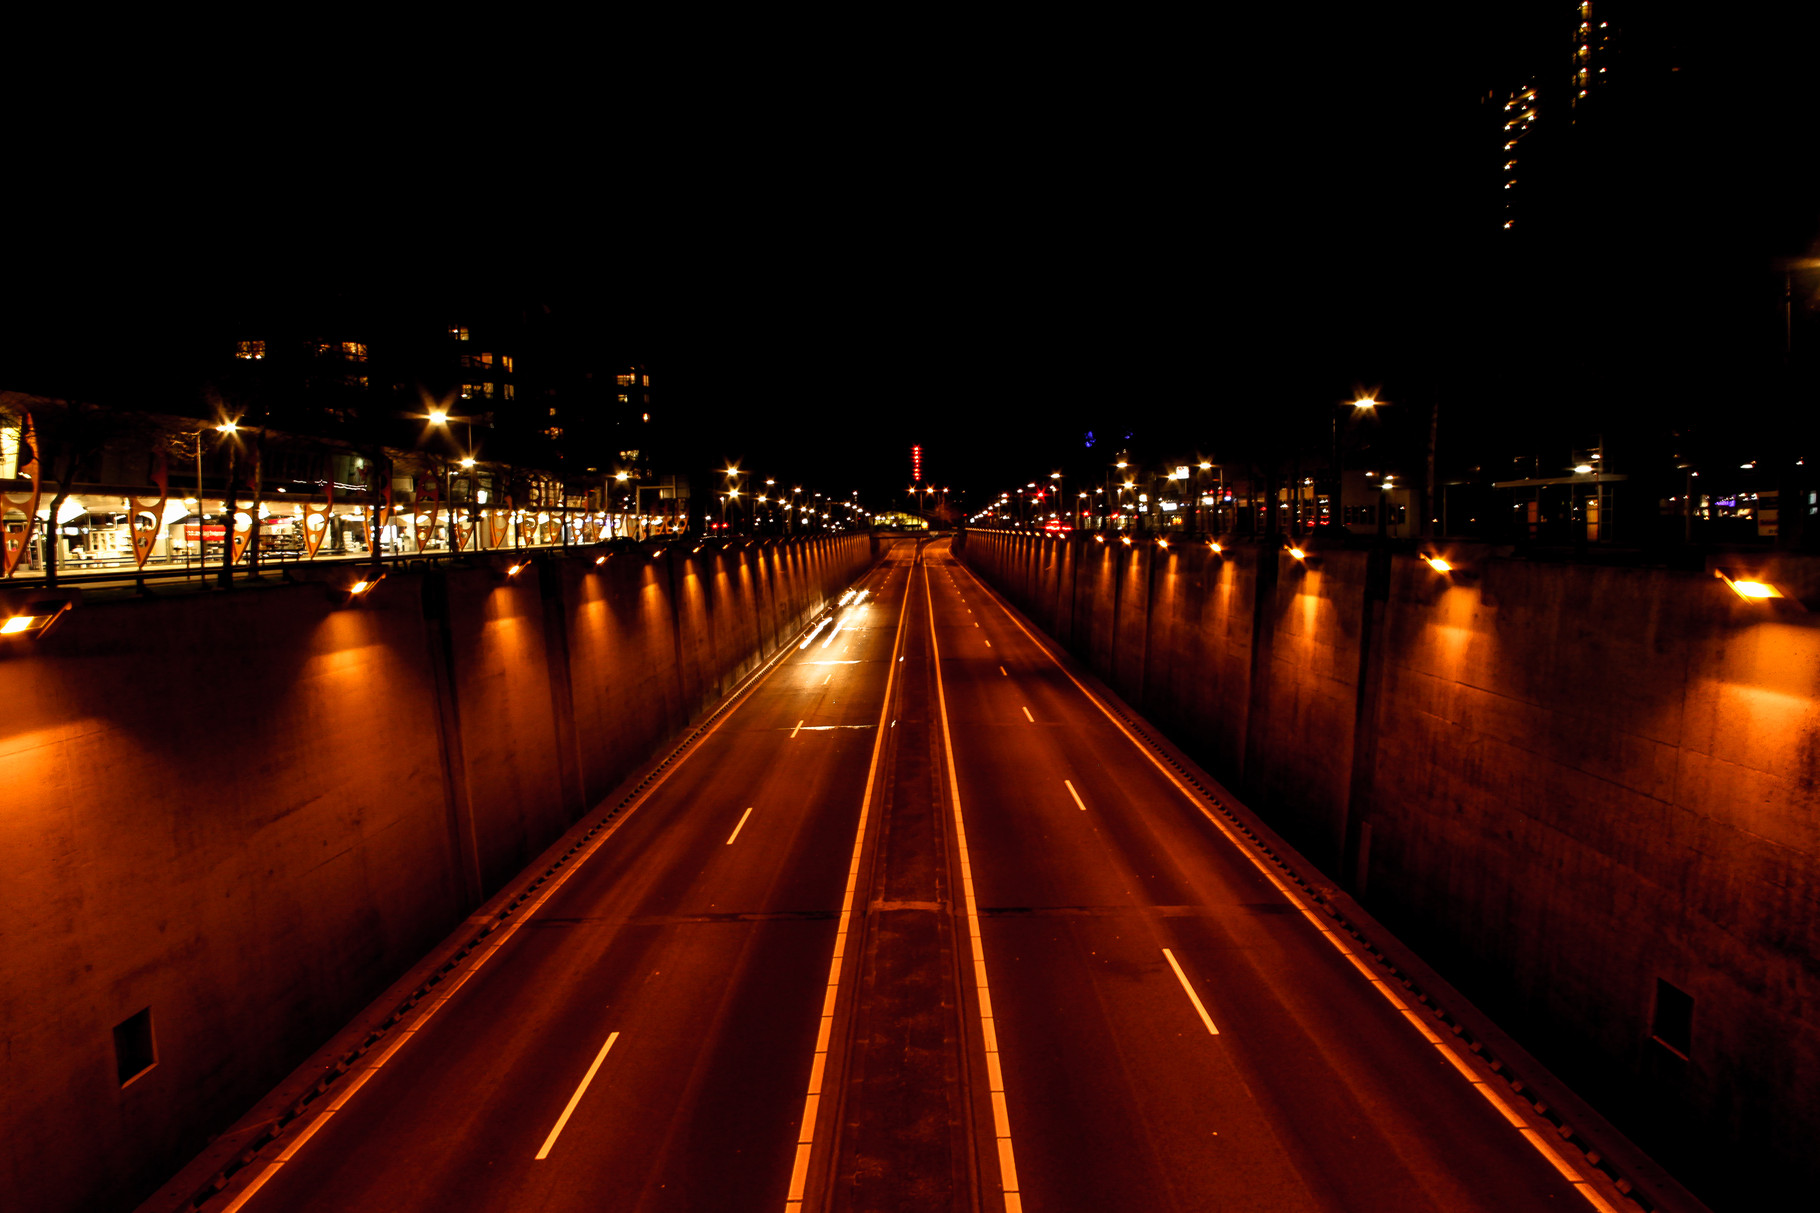 Nachtfoto tunnelbak Zoetermeer - DOKOE Fotografie